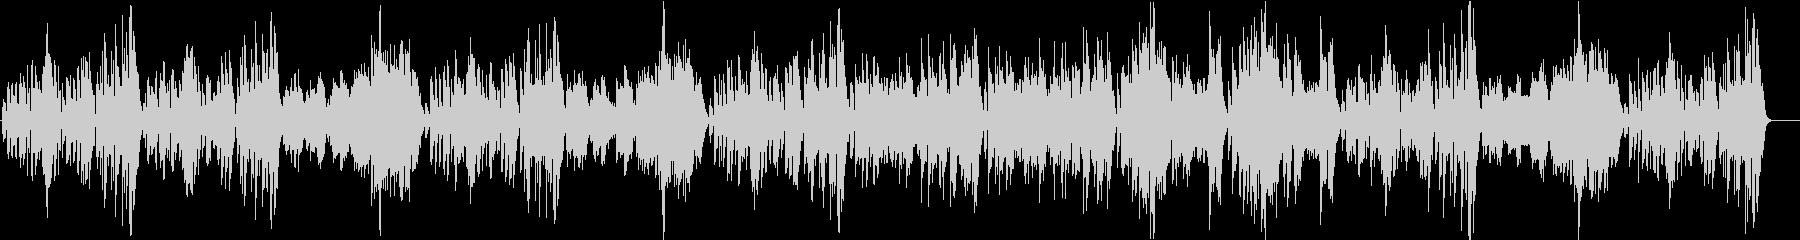 モーツァルトのメヌエットをヴァイオリンでの未再生の波形